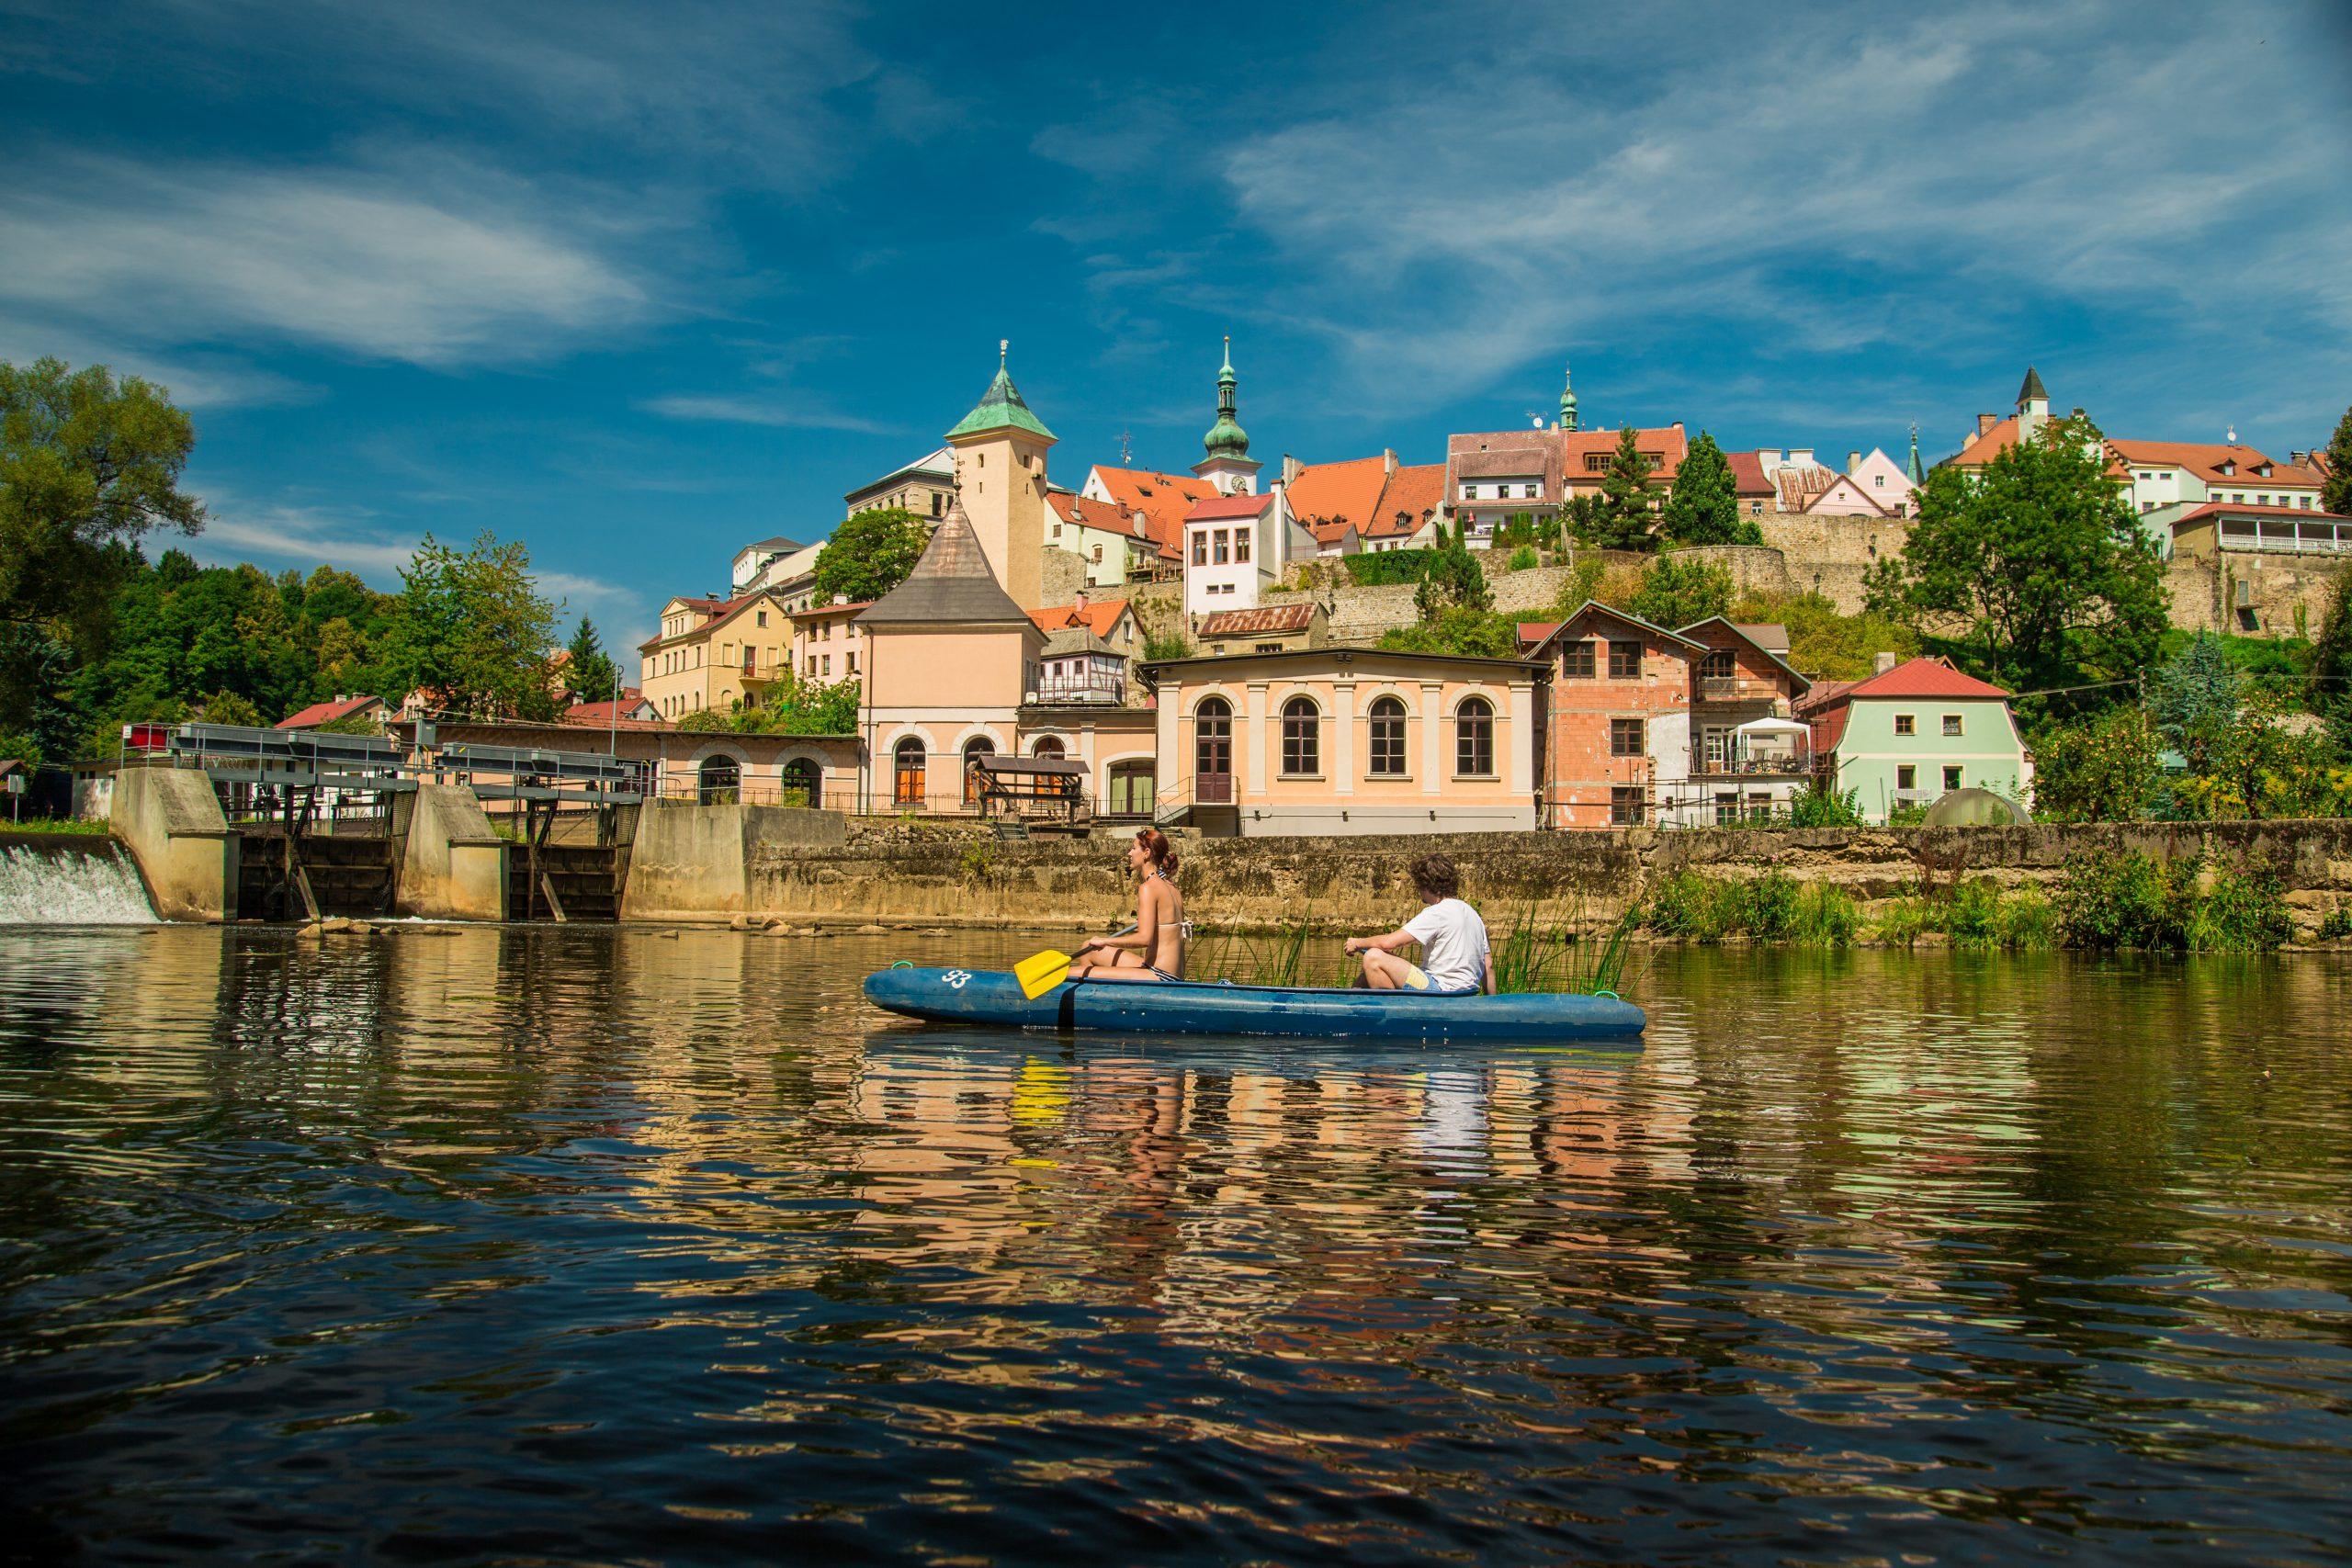 Fietsen langs de rivier de Eger (Tsjechisch: Ohře)